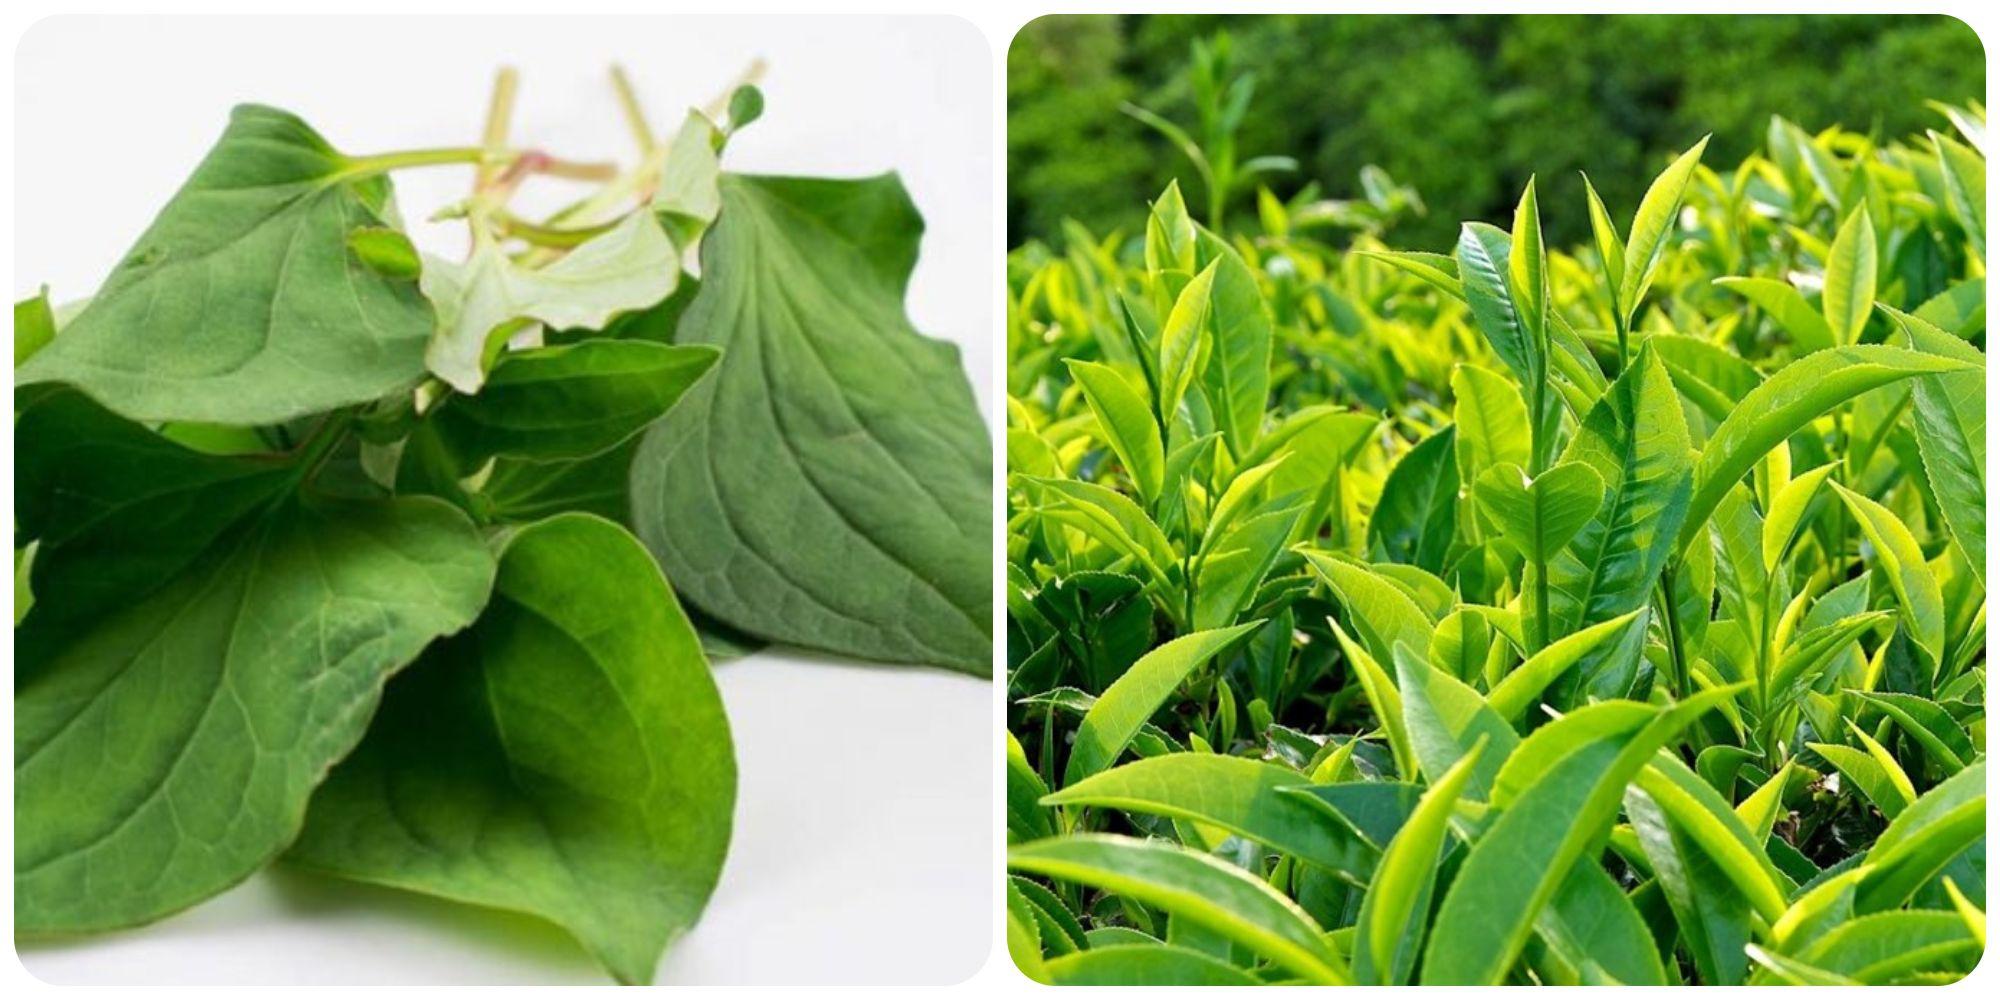 Trị mụn viêm bằng rau diếp cá kết hợp với lá trà xanh